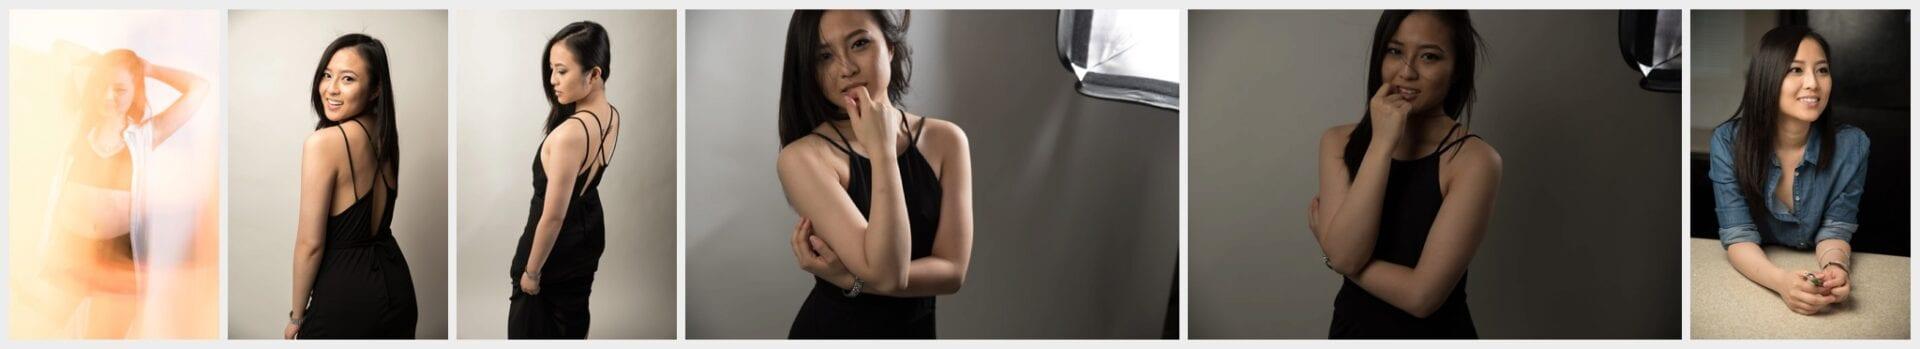 011-Calgary Modeling